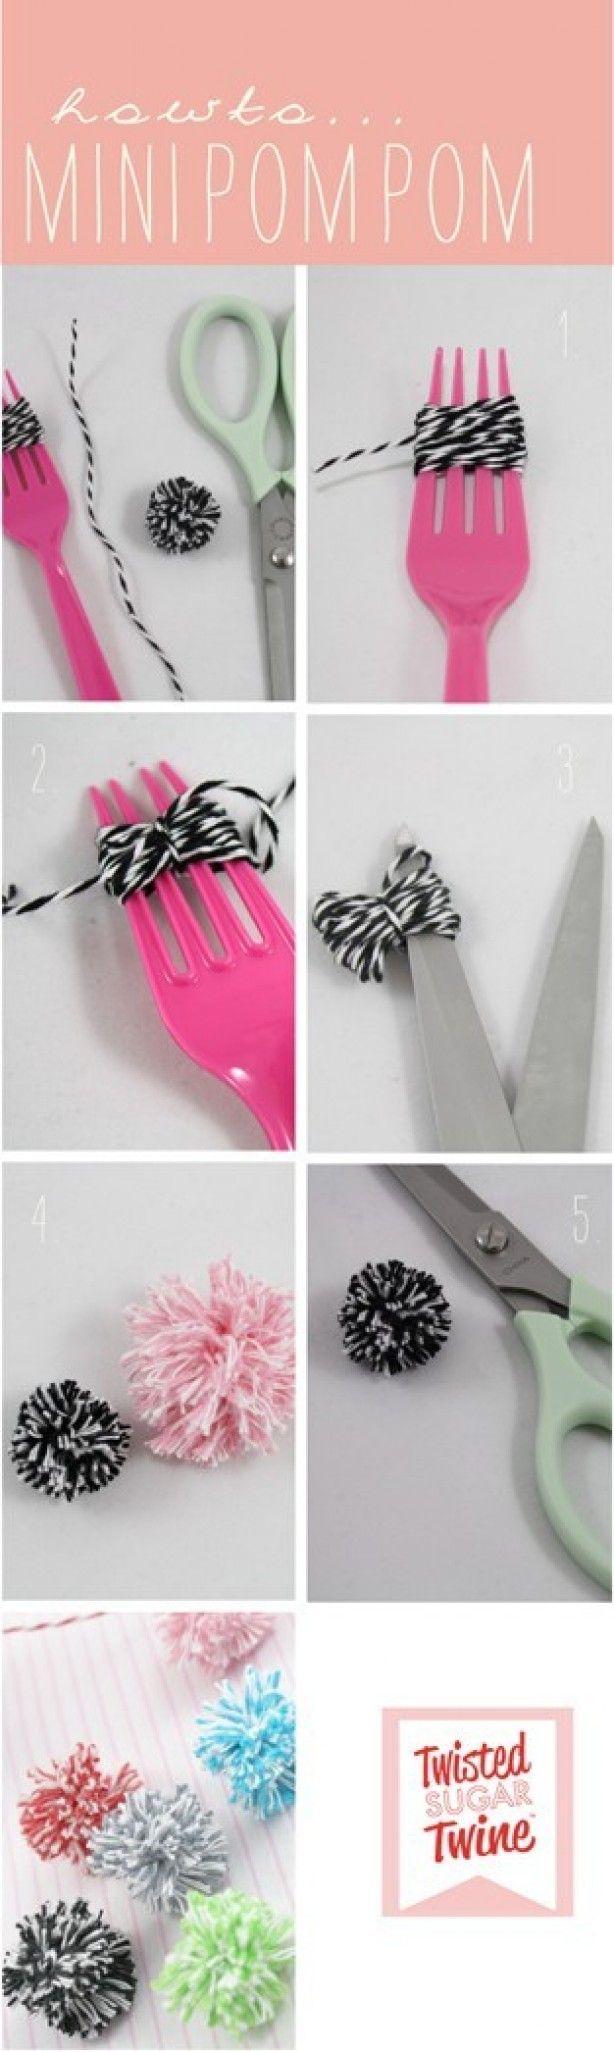 Handige manier om ponpons te maken voor bv op een cadeautje